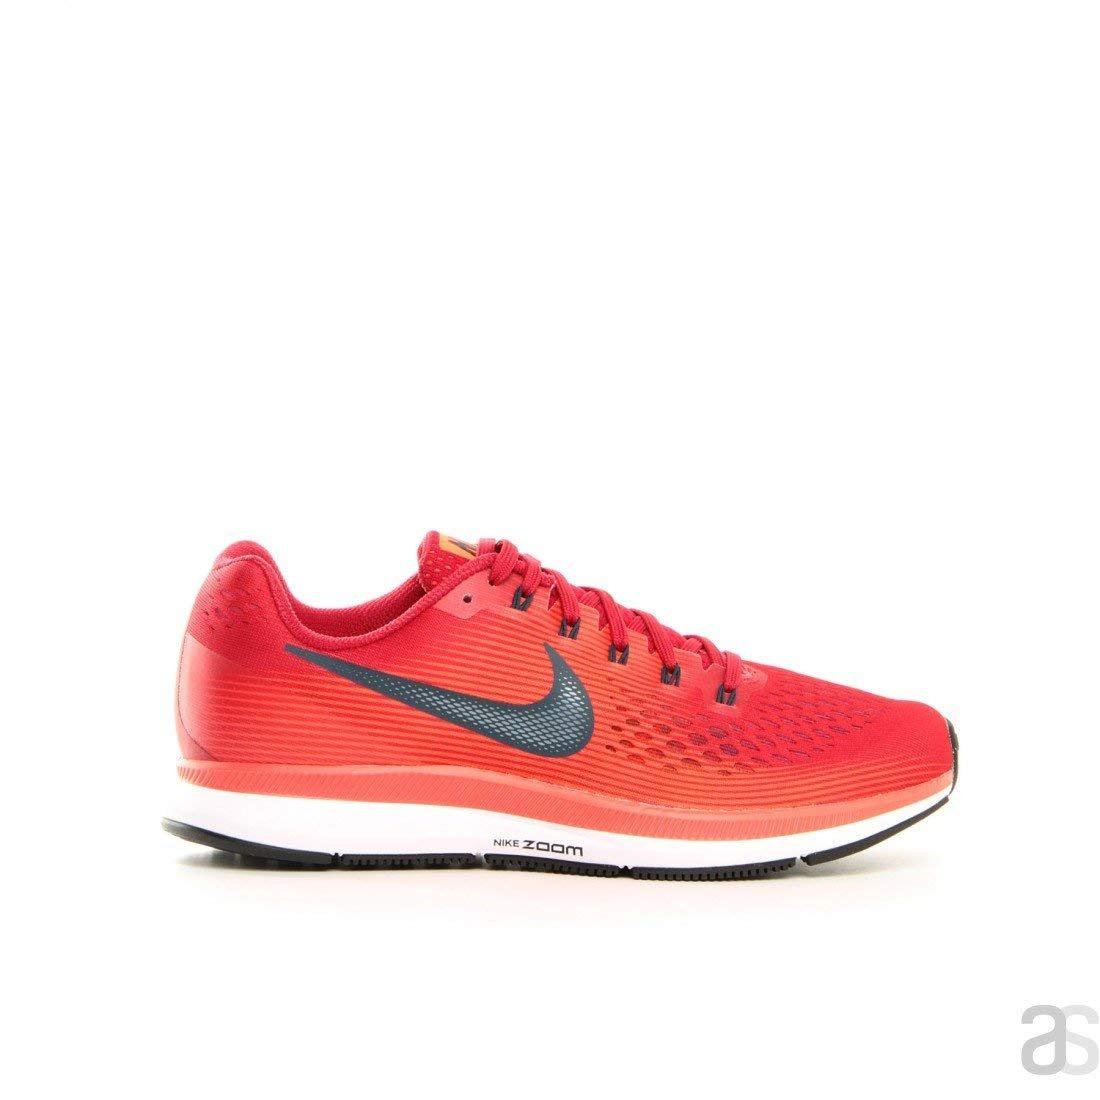 Nike air zoom zoom zoom pegasus 34 laufschuh 92b5f6